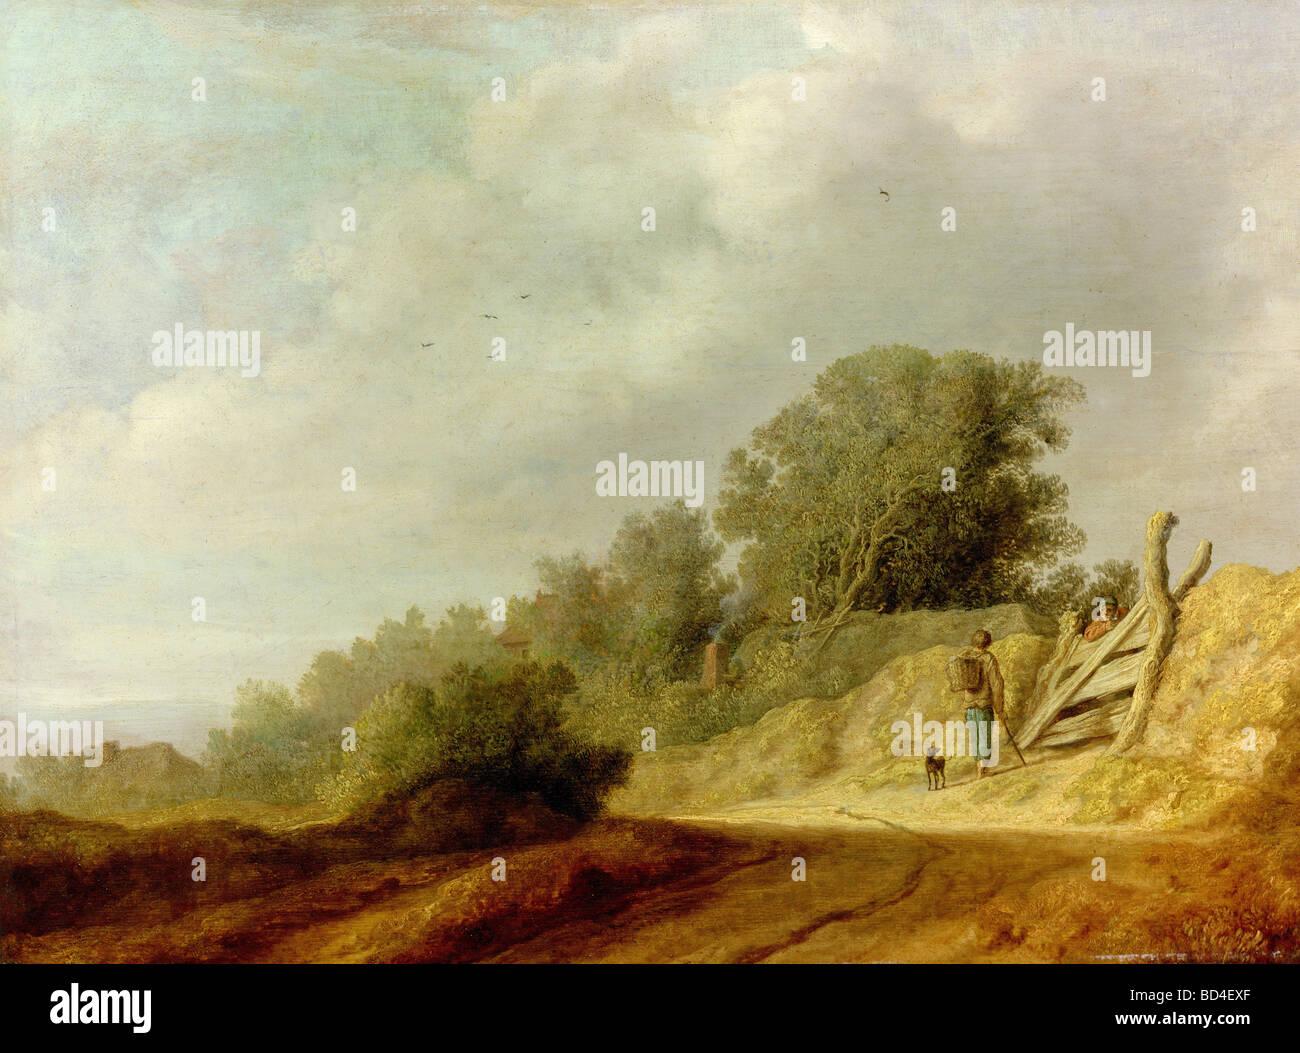 Beaux-arts, Ruysdael, Salomon, (vers 1600 - 1670), peinture, 'Paysage avec chemin', Galerie nationale, Prague, Photo Stock